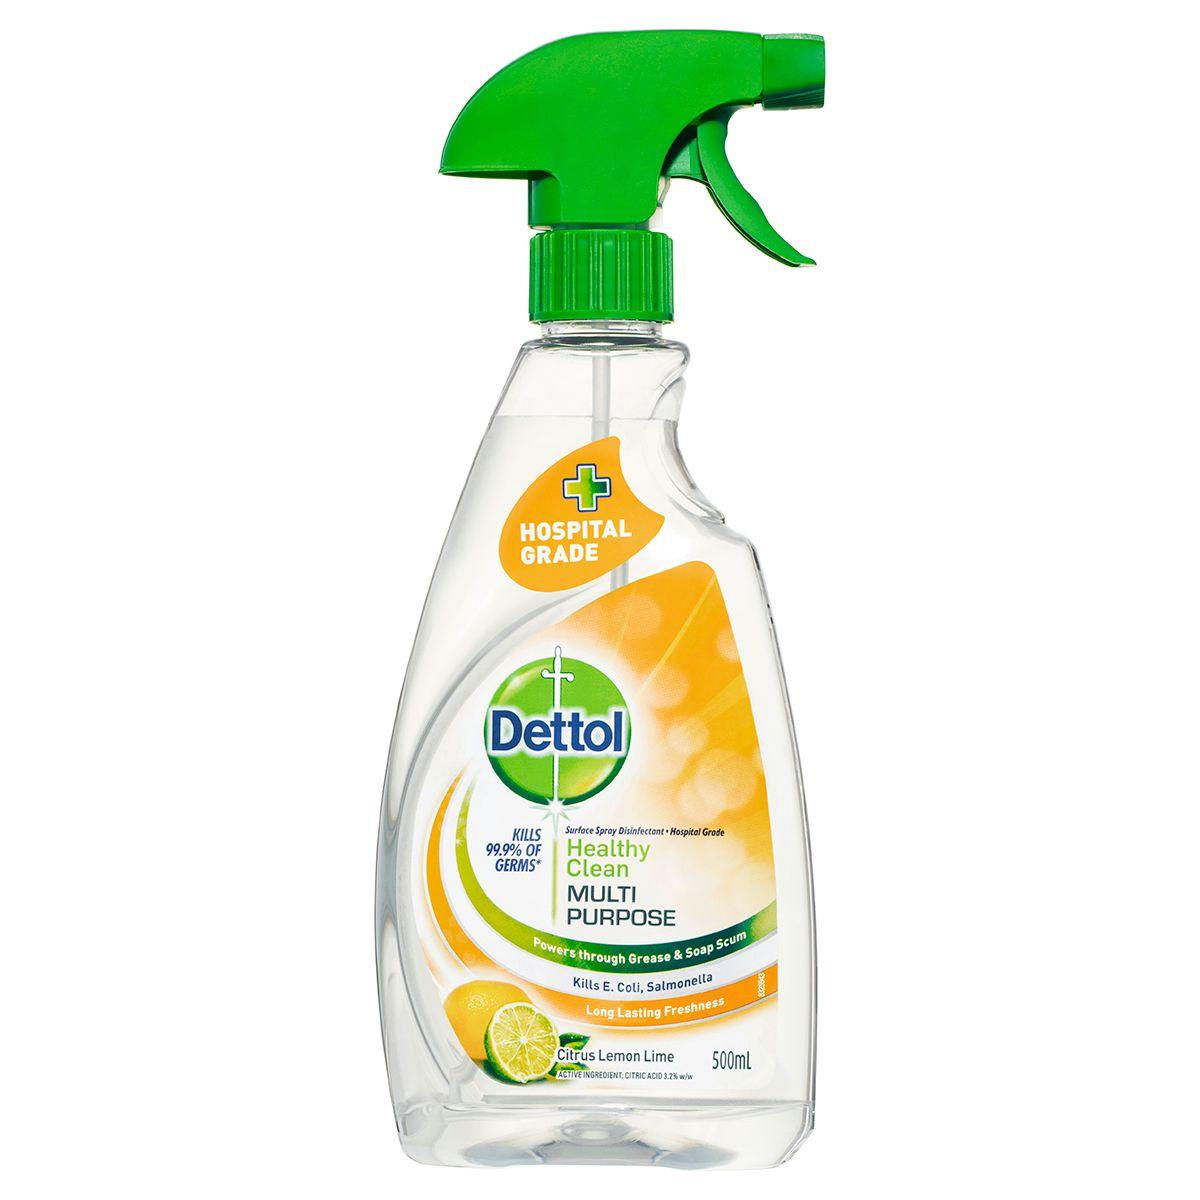 Dettol Healthy Clean Multipurpose Trigger Lemon & Lime 500ml